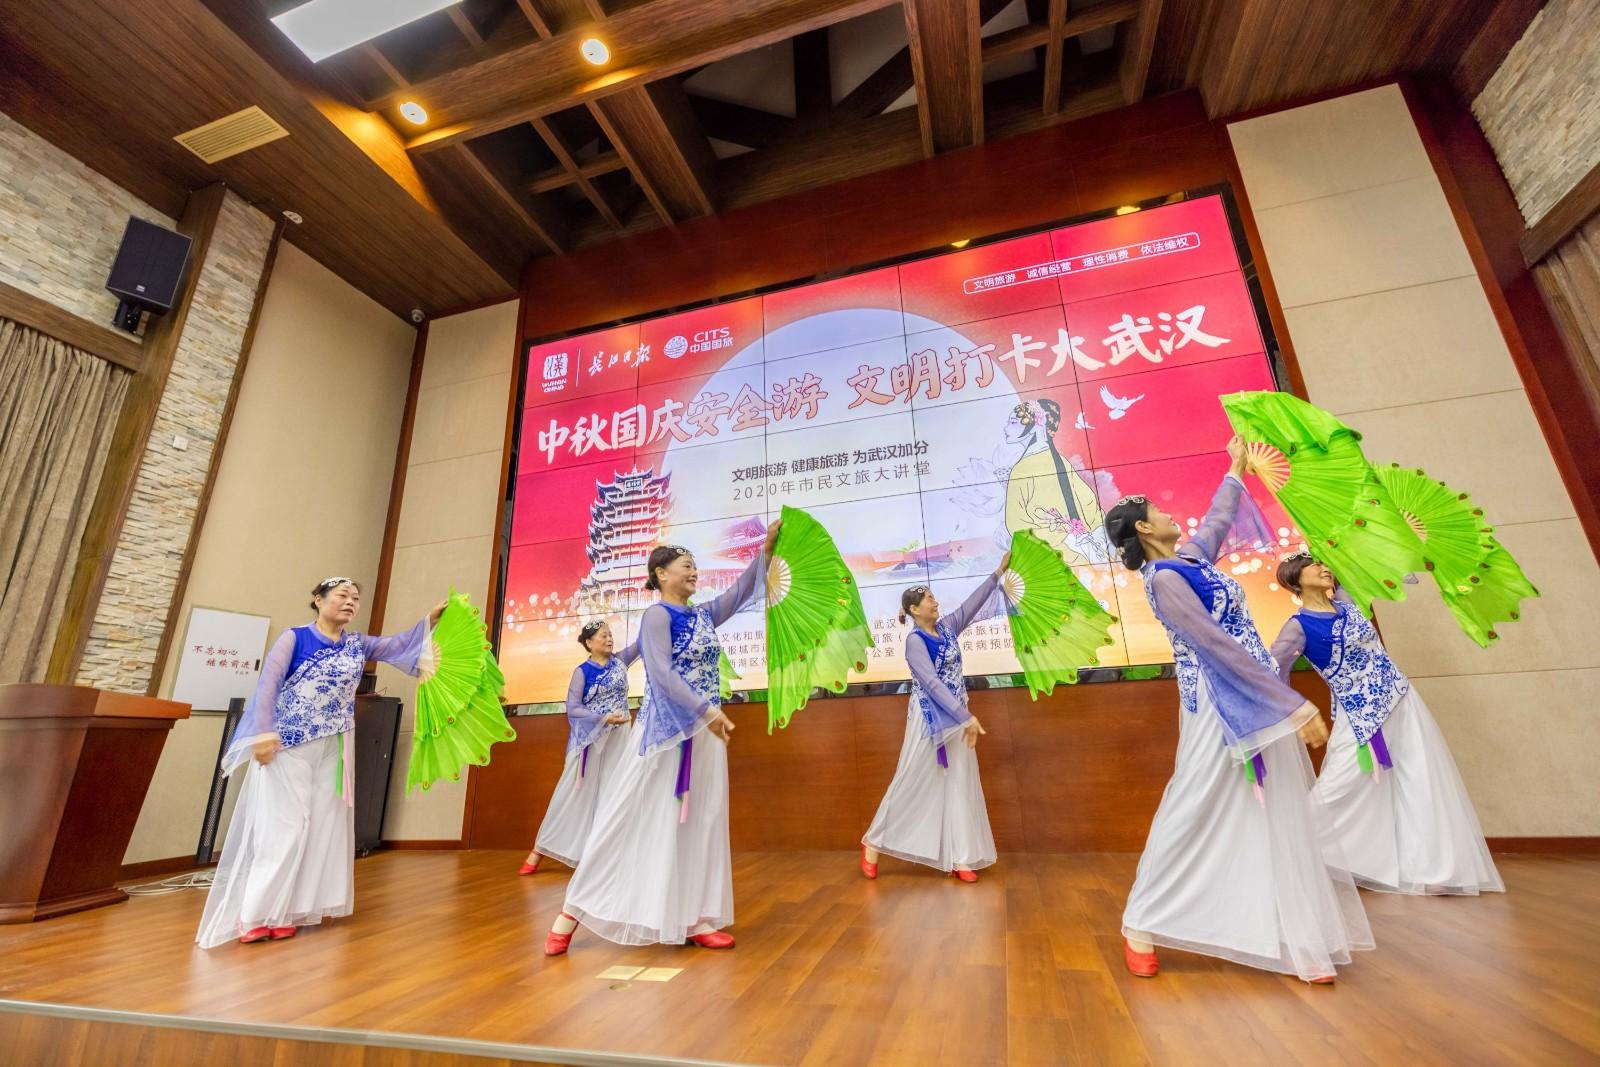 过早冒|武汉市民礼让热门景区给外地游客!9月29日江汉路步行街蝶变归来!